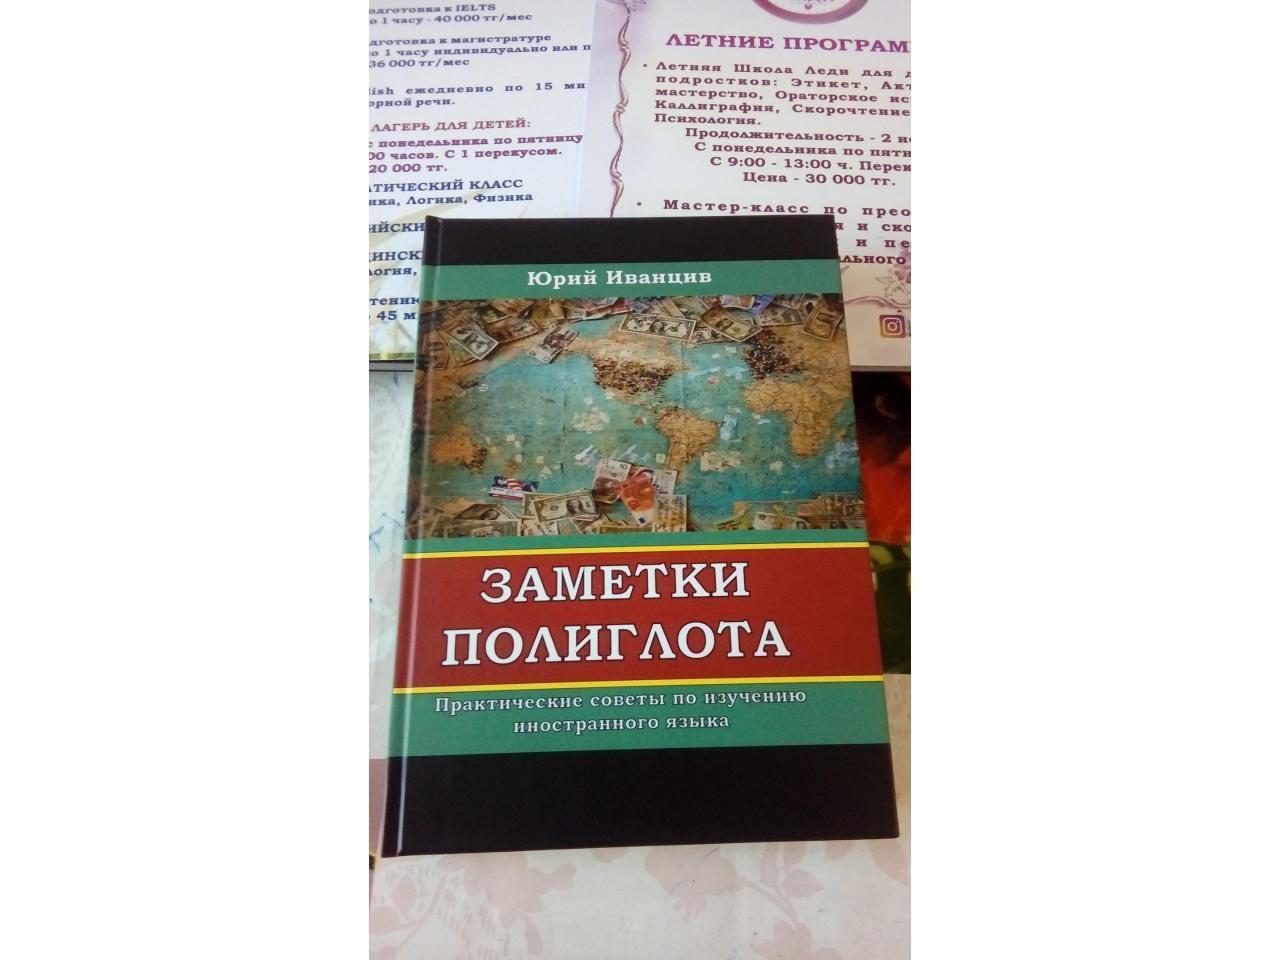 Заметки Полиглота. Практическое пособие по изучению иностранного языка - 3